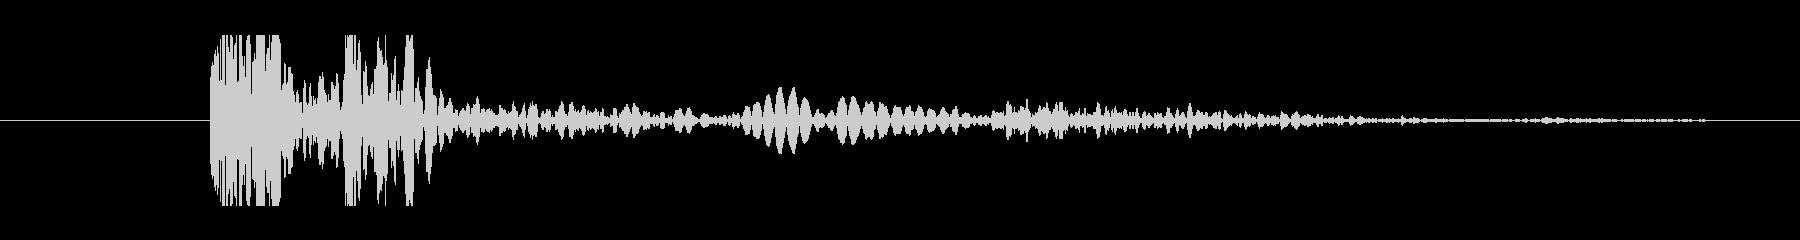 ショットガン 遠くのショット02の未再生の波形